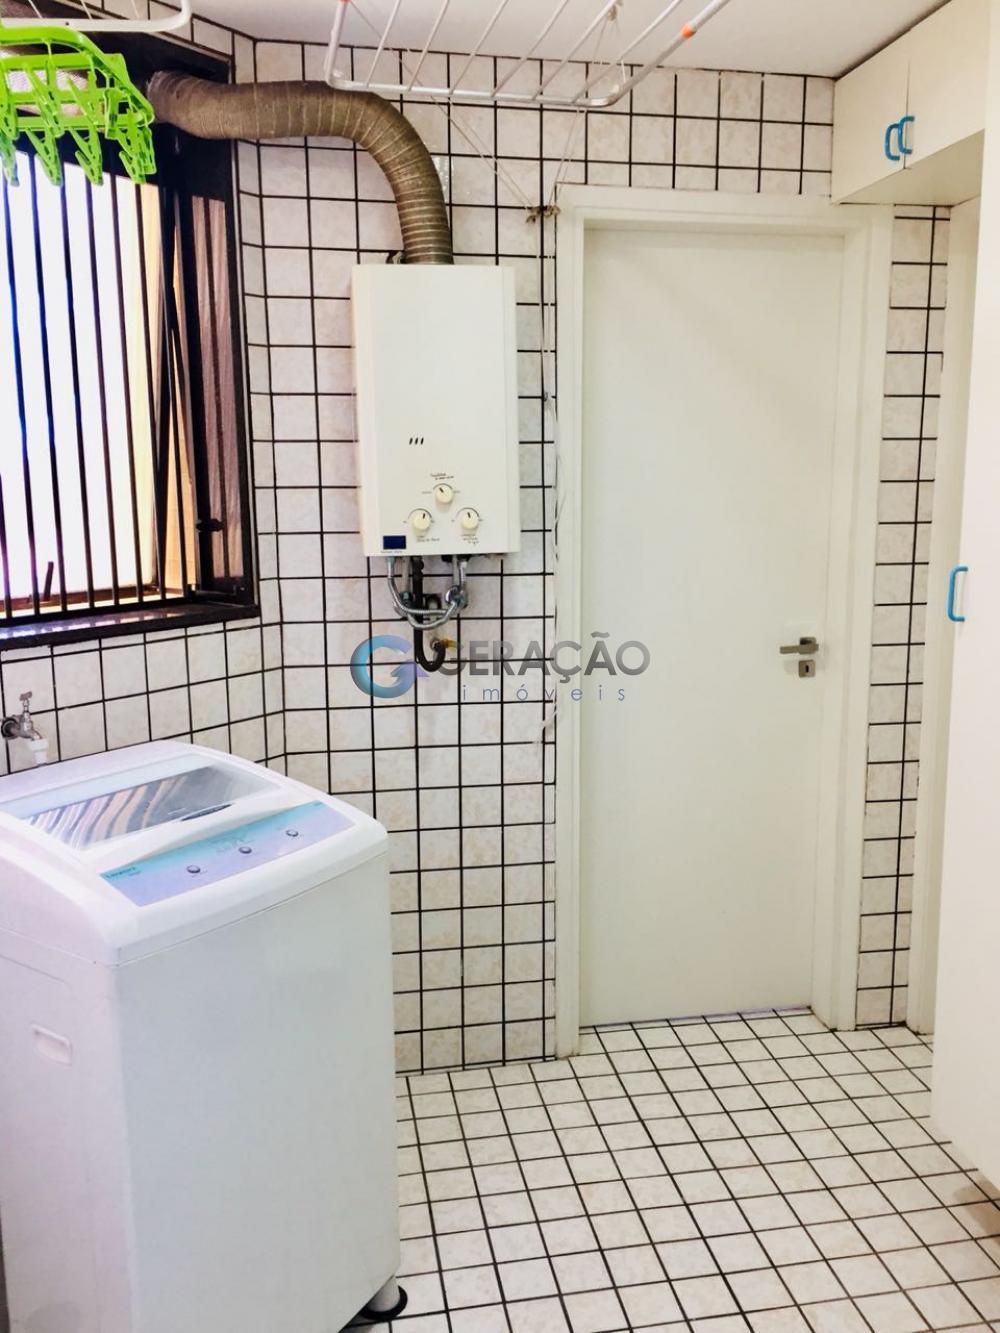 Comprar Apartamento / Padrão em São José dos Campos apenas R$ 512.000,00 - Foto 11